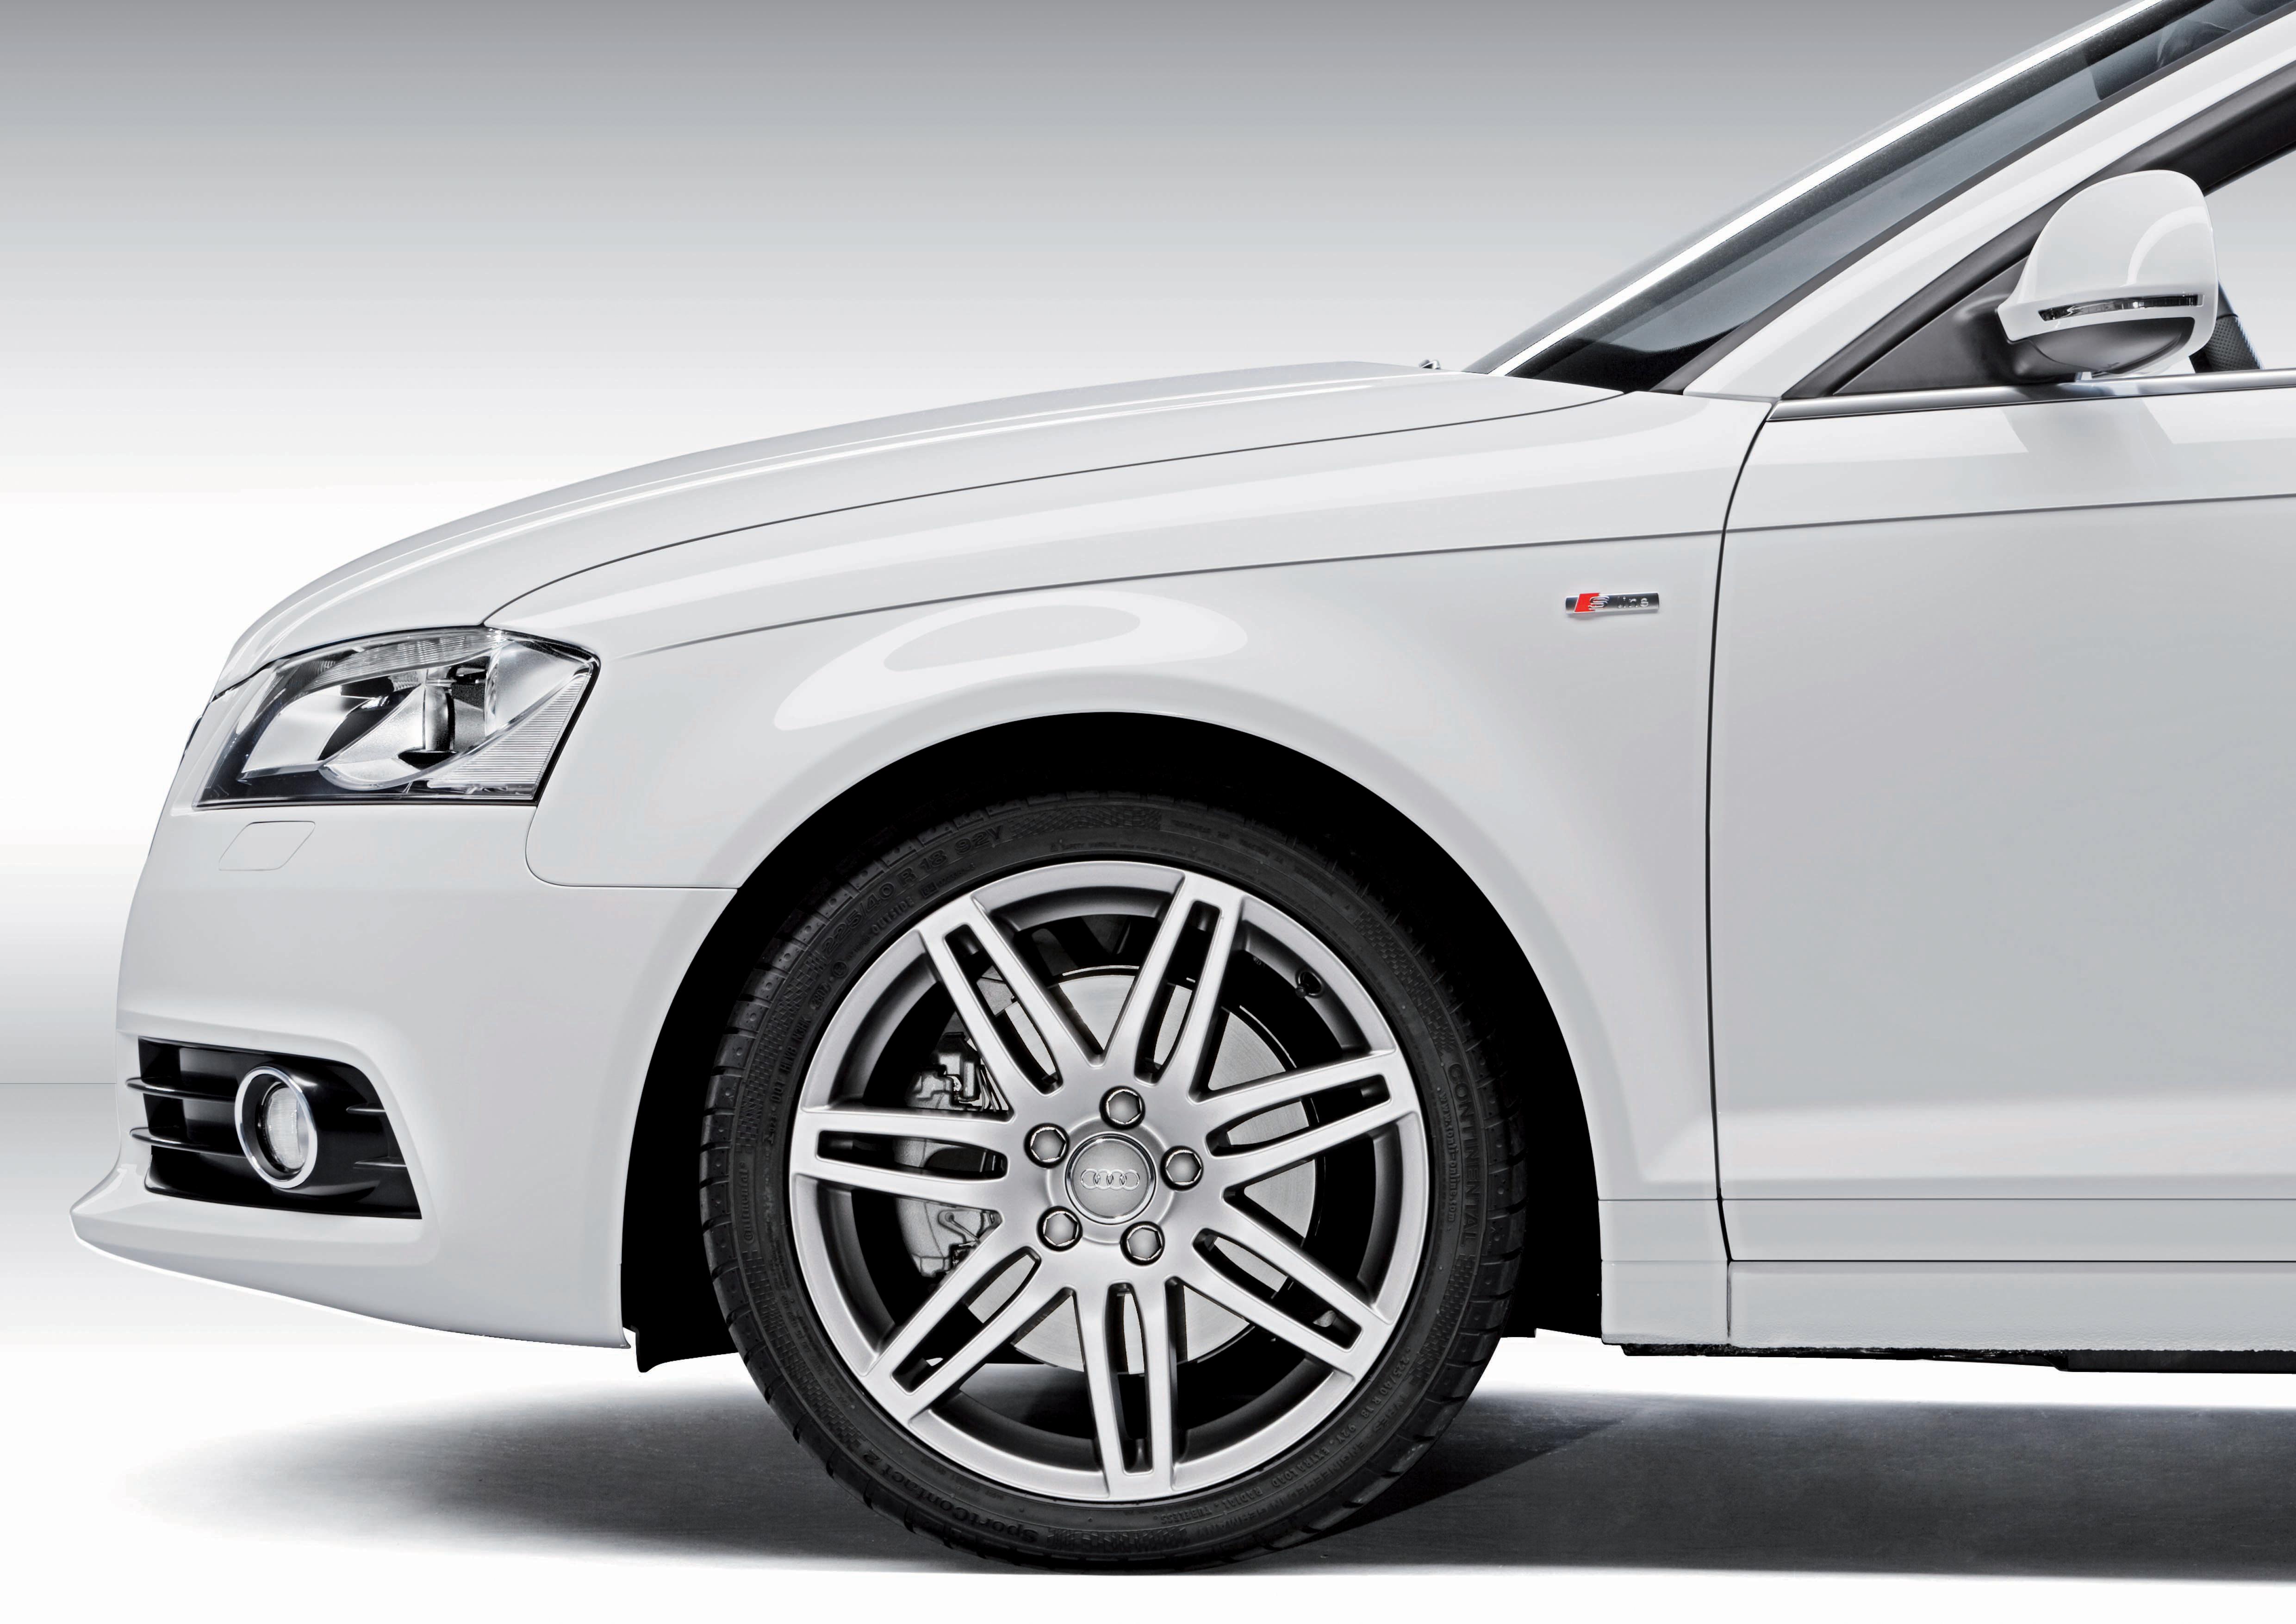 Audi A3 Cabriolet/Detail